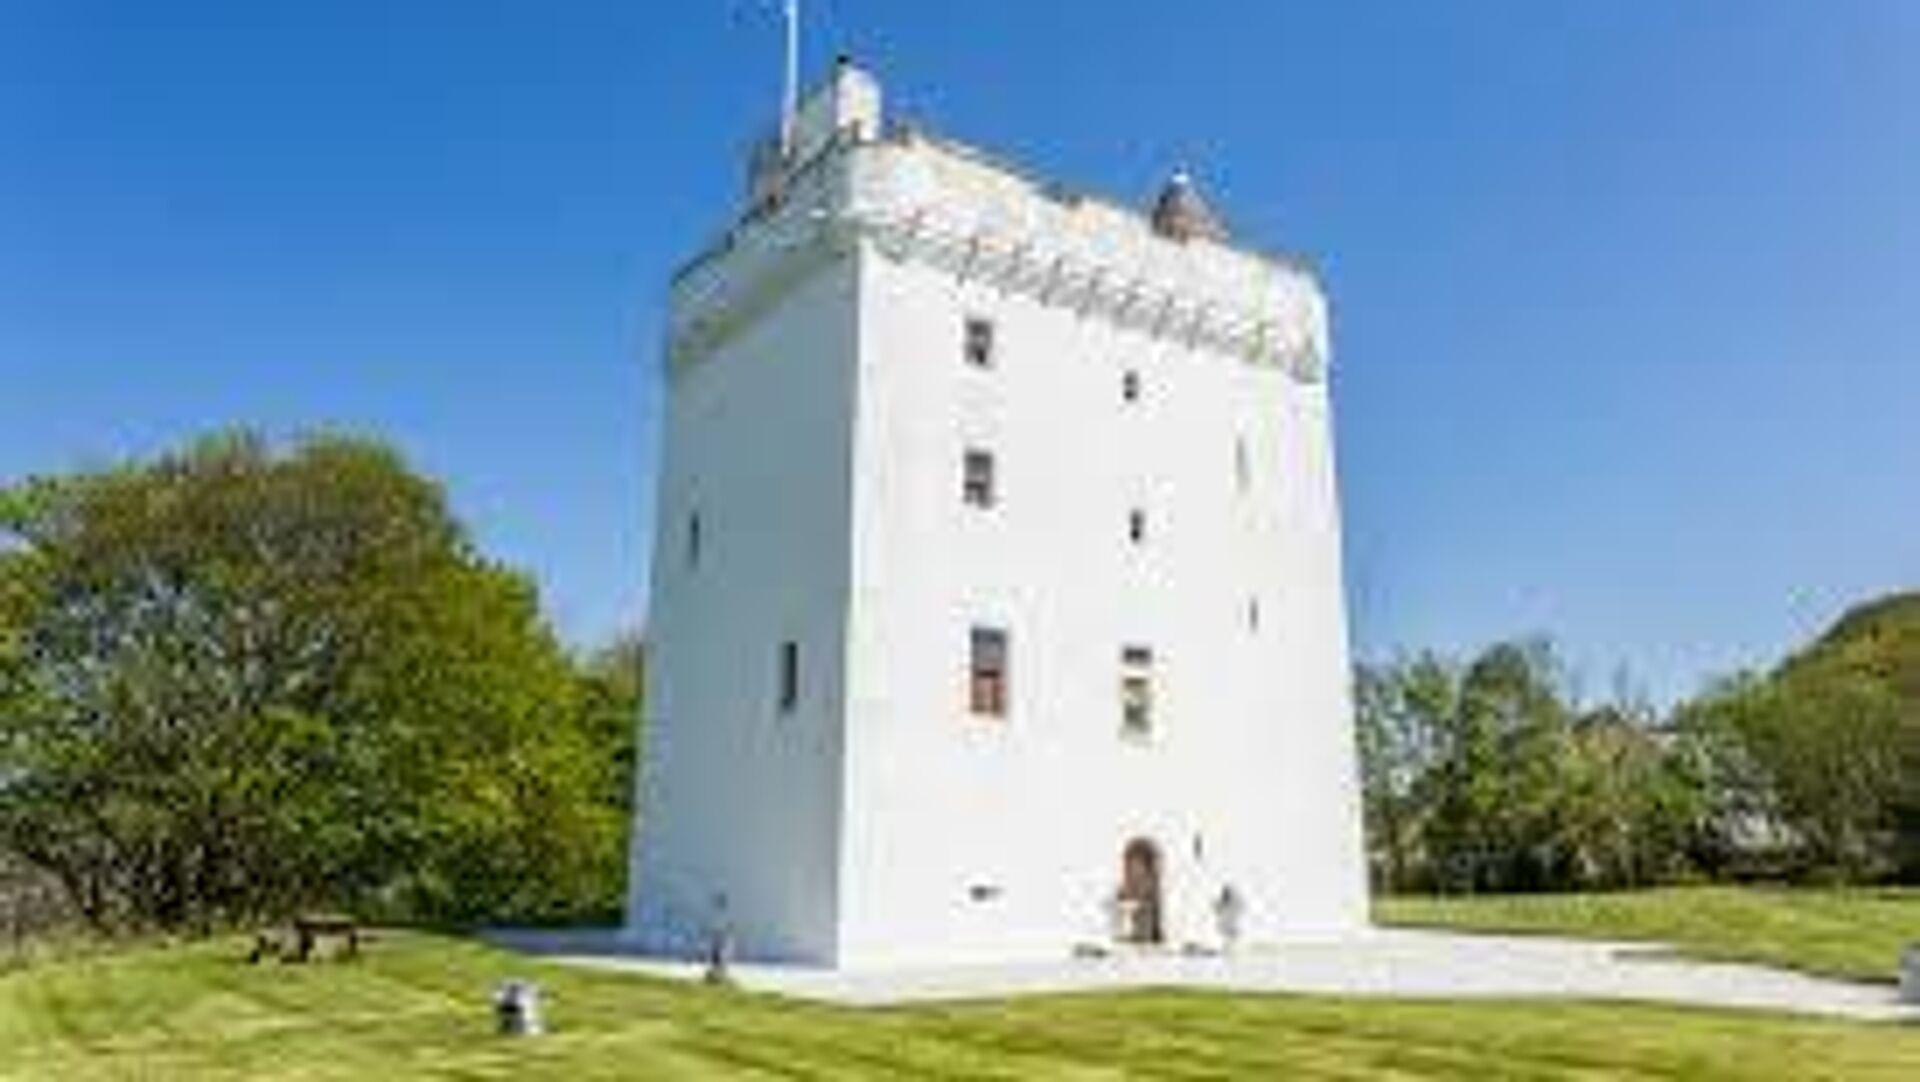 Эйрширский замок, Шотландия - РИА Новости, 1920, 03.10.2020